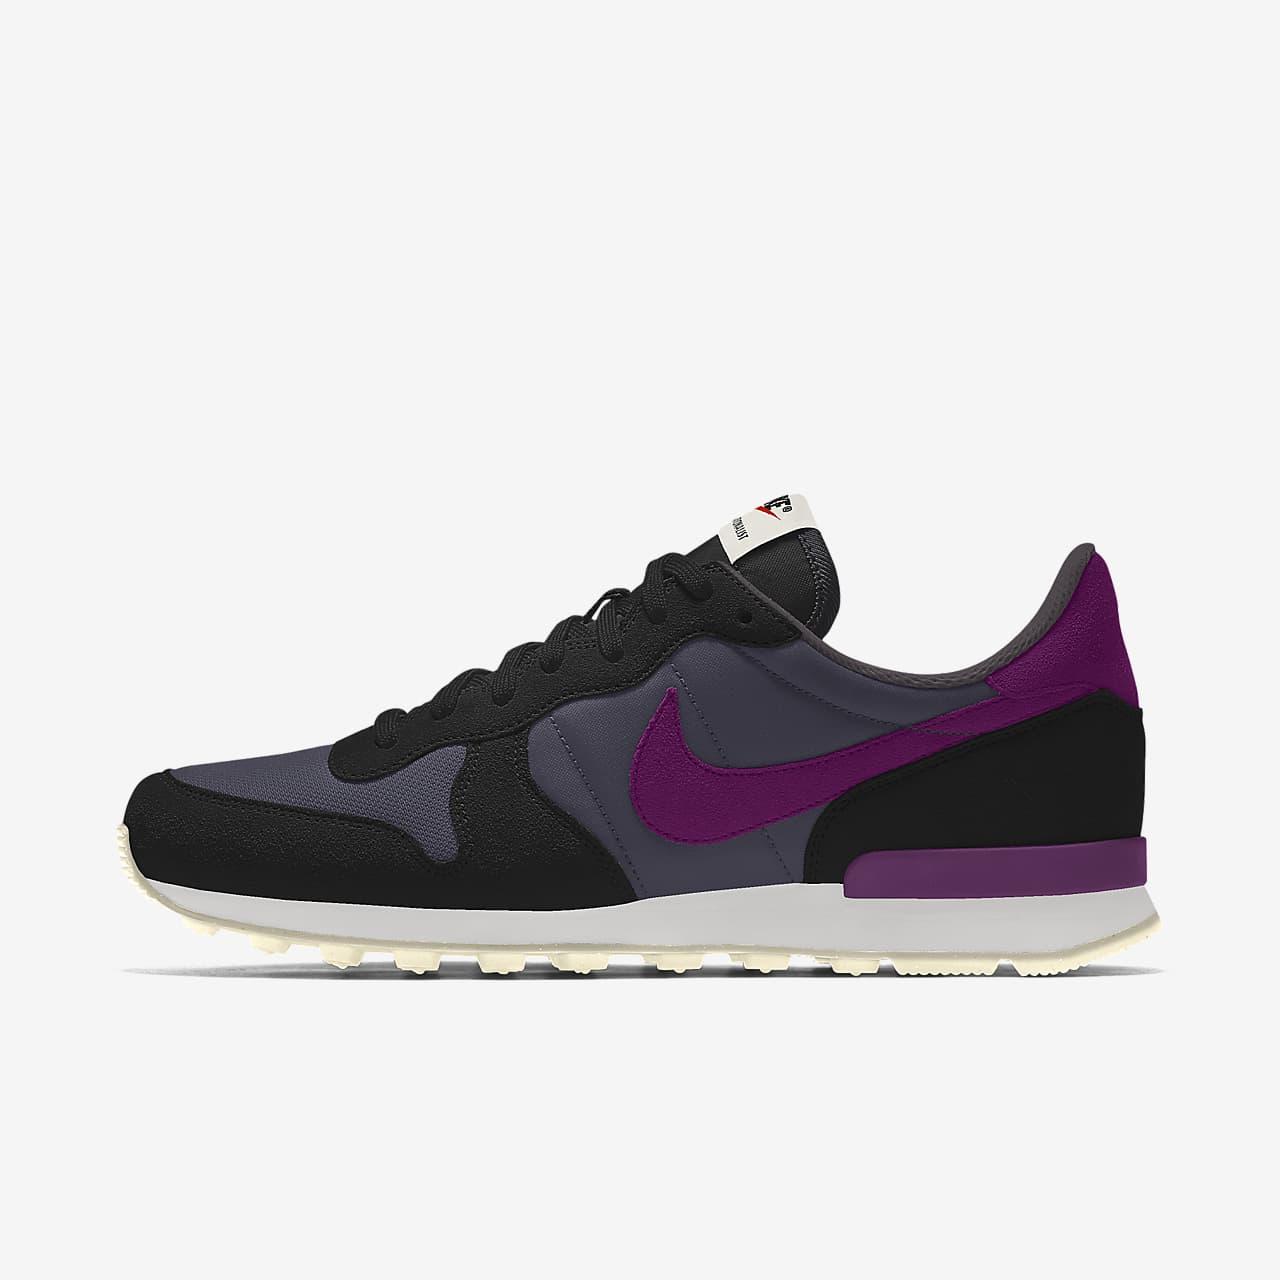 Nike Internationalist By You Custom Women's Shoe